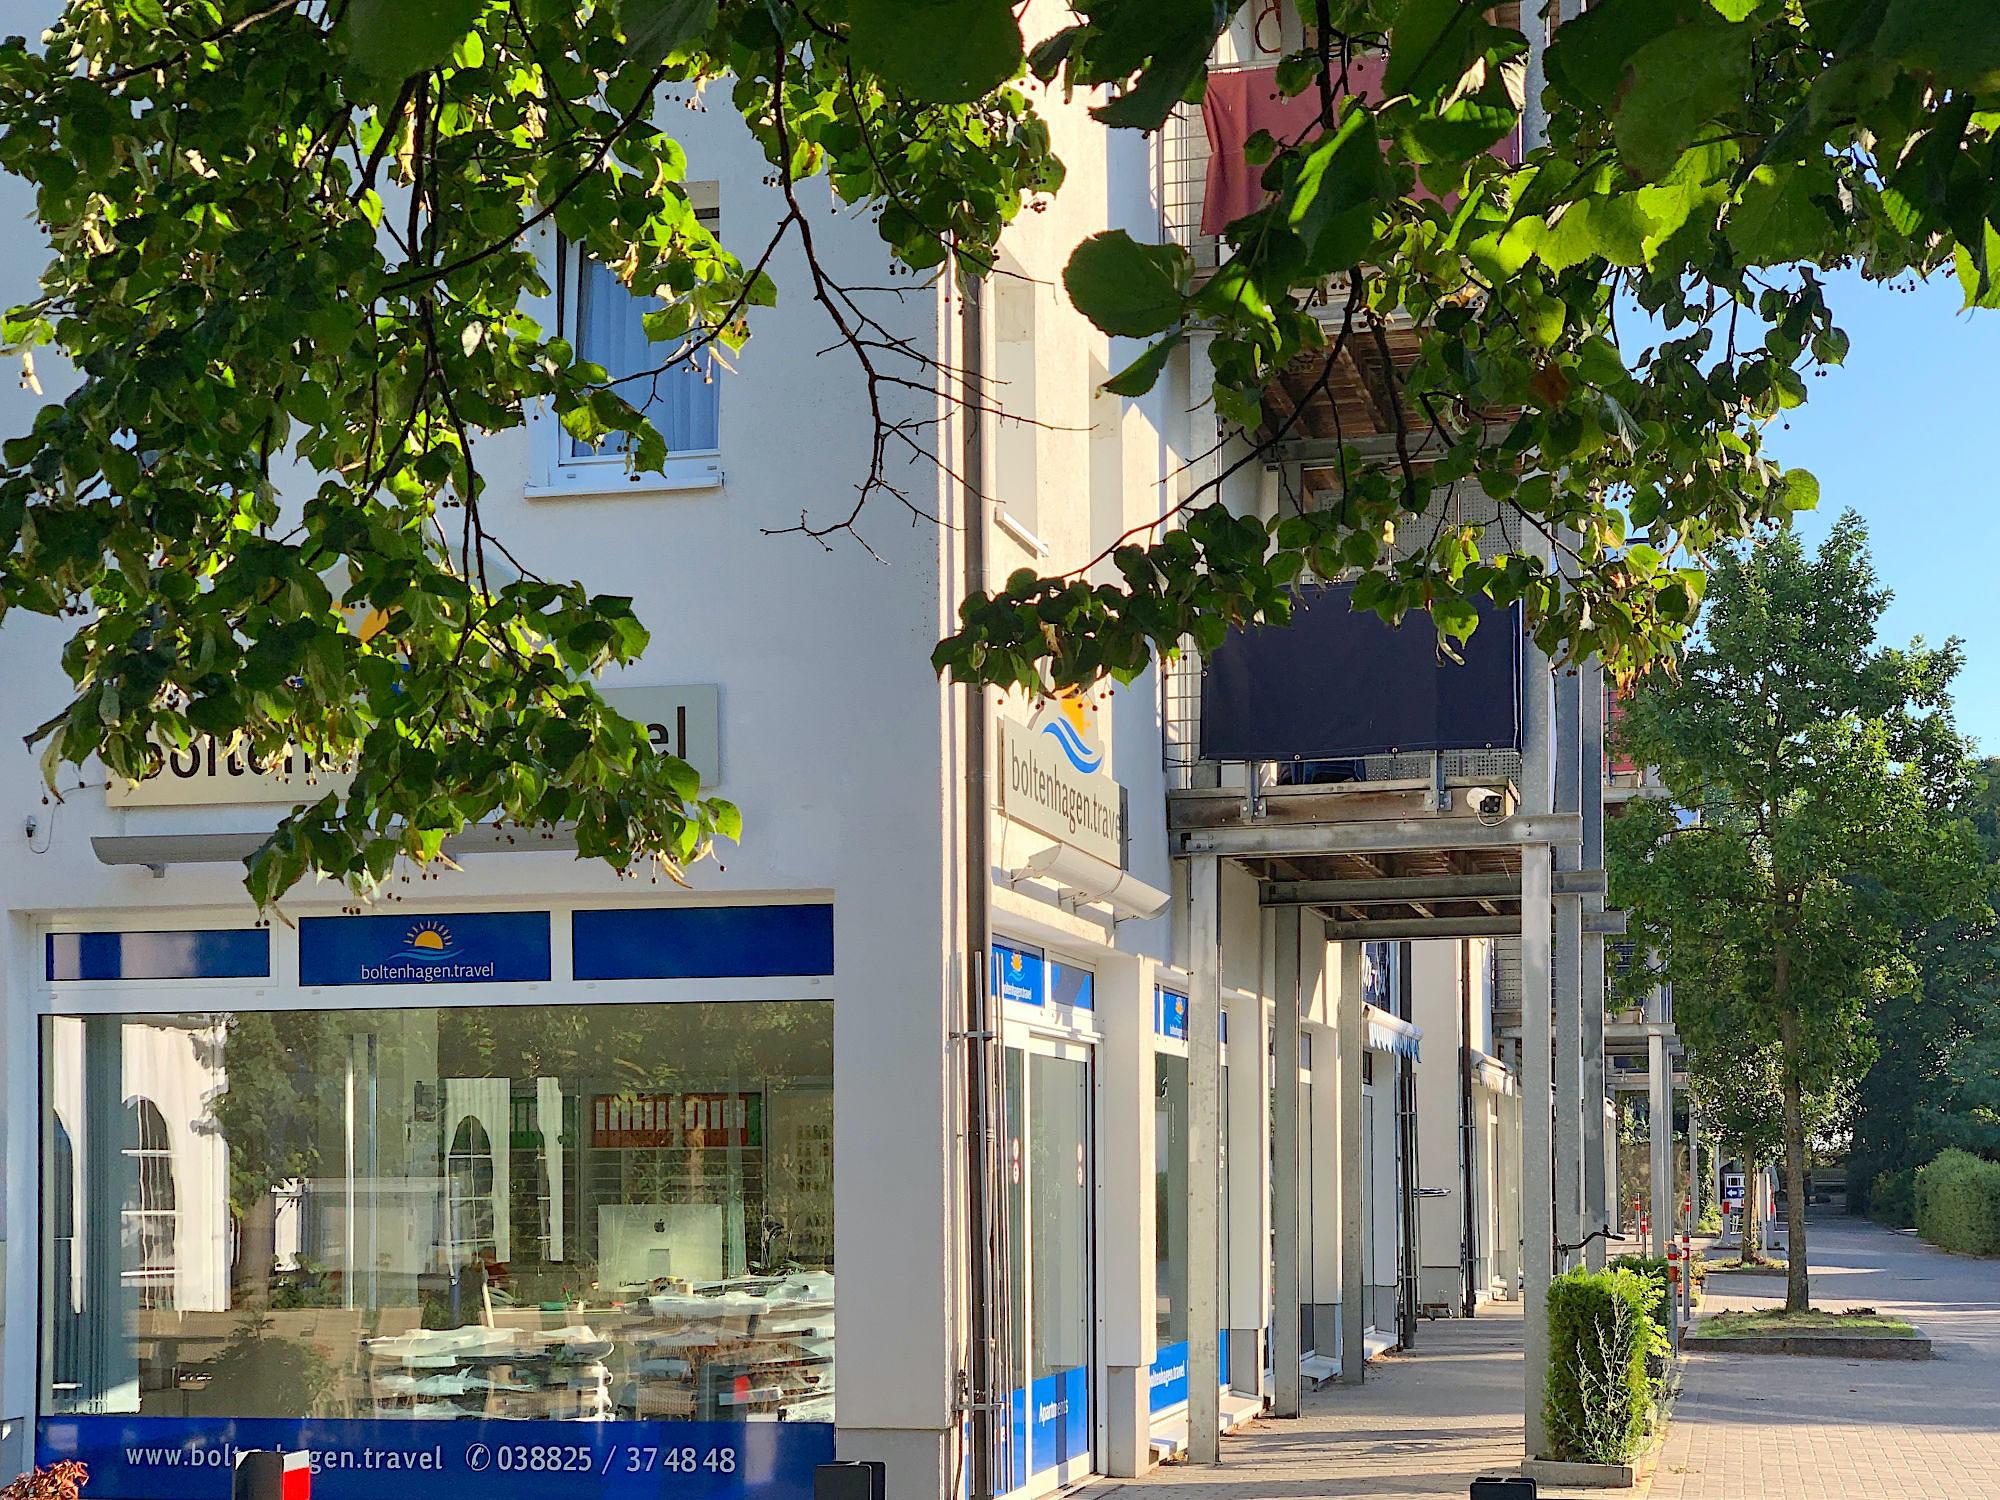 Aussenbild Büro boltenhagen.travel im Strandpalais mit Bäumen im Vordergrund